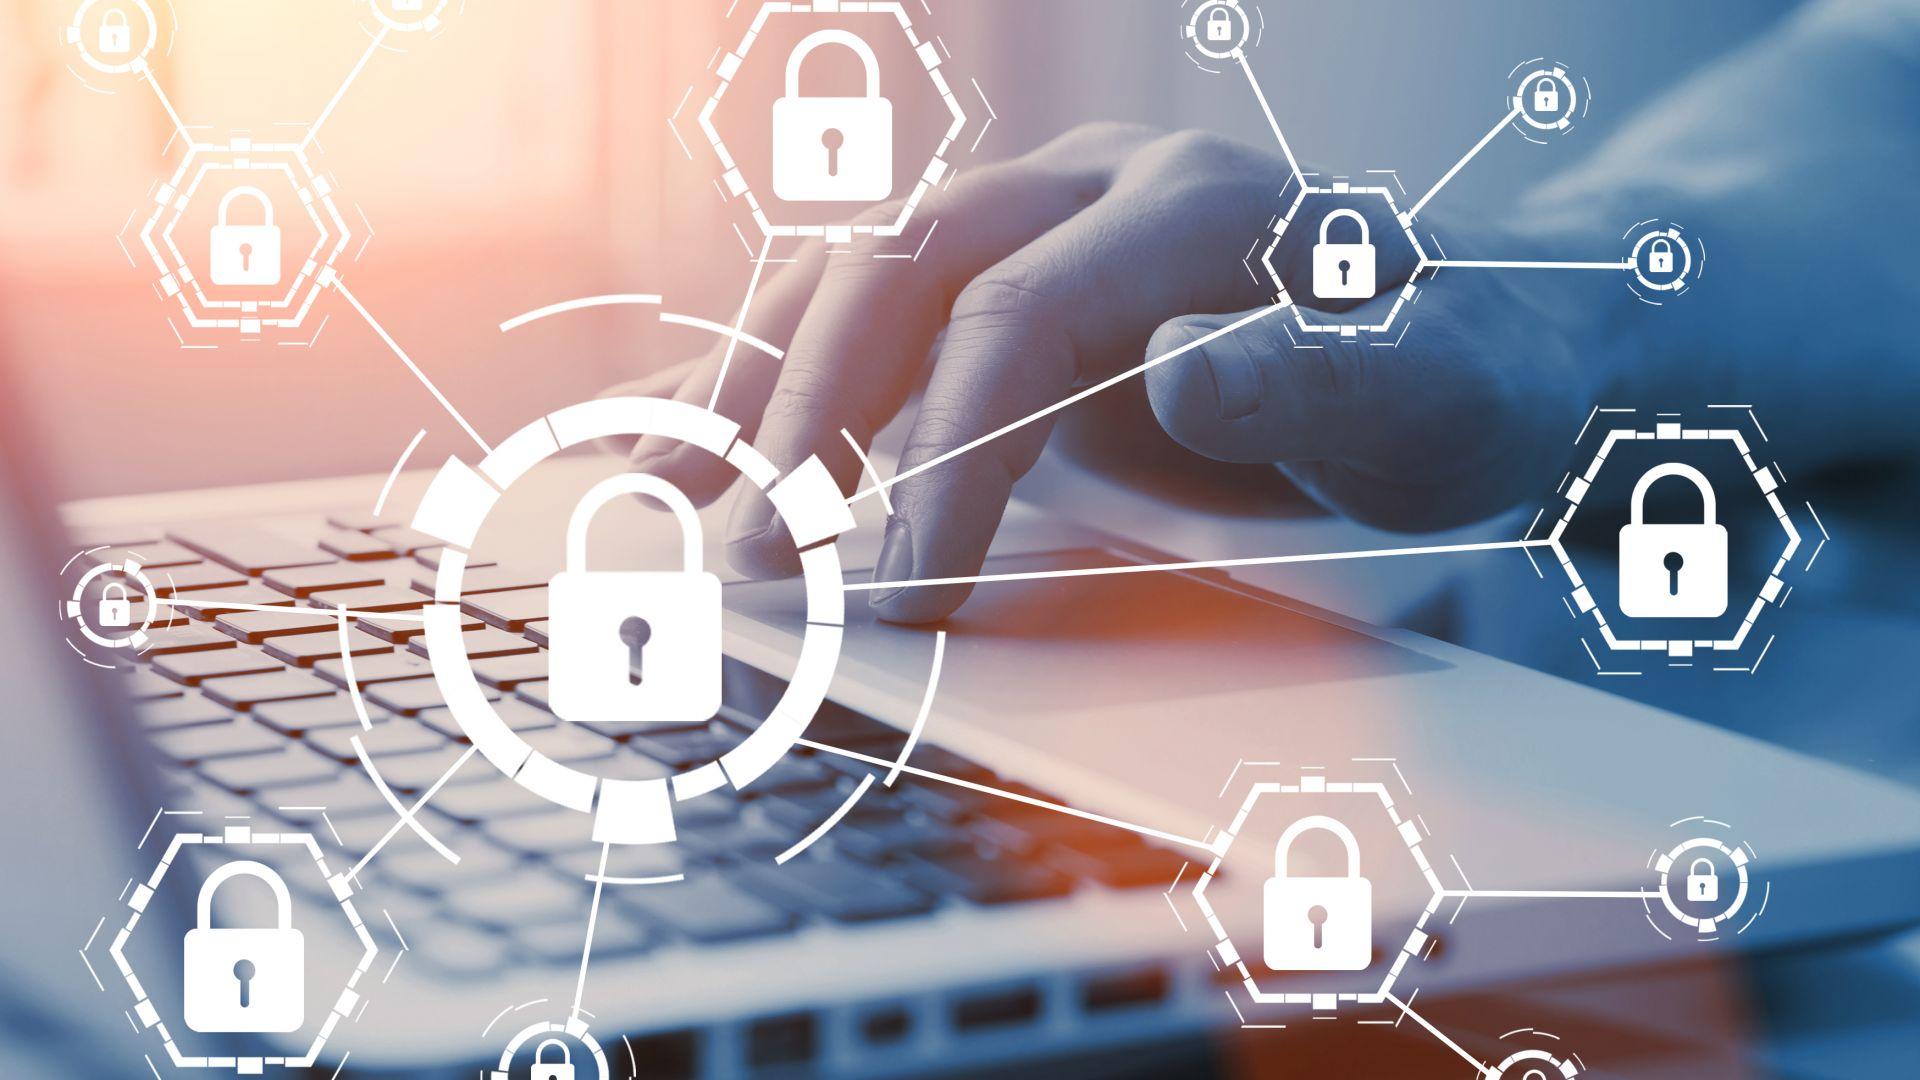 Трябва да създавате колкото се може повече бариери пред хакерите